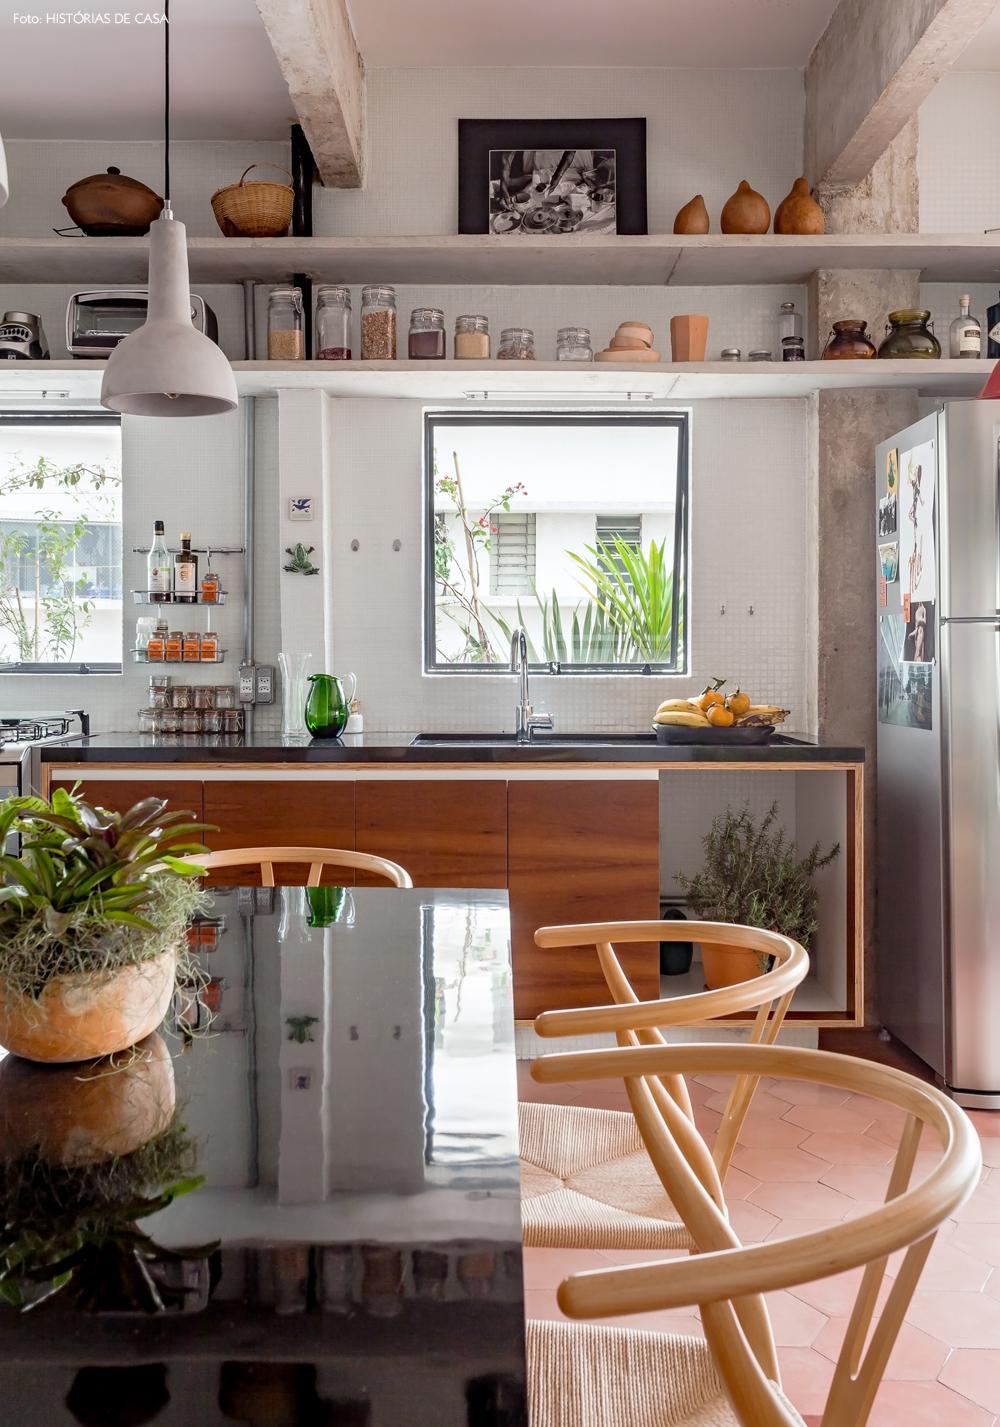 29-decoracao-cozinha-prateleiras-bancada-concreto-granito-preto